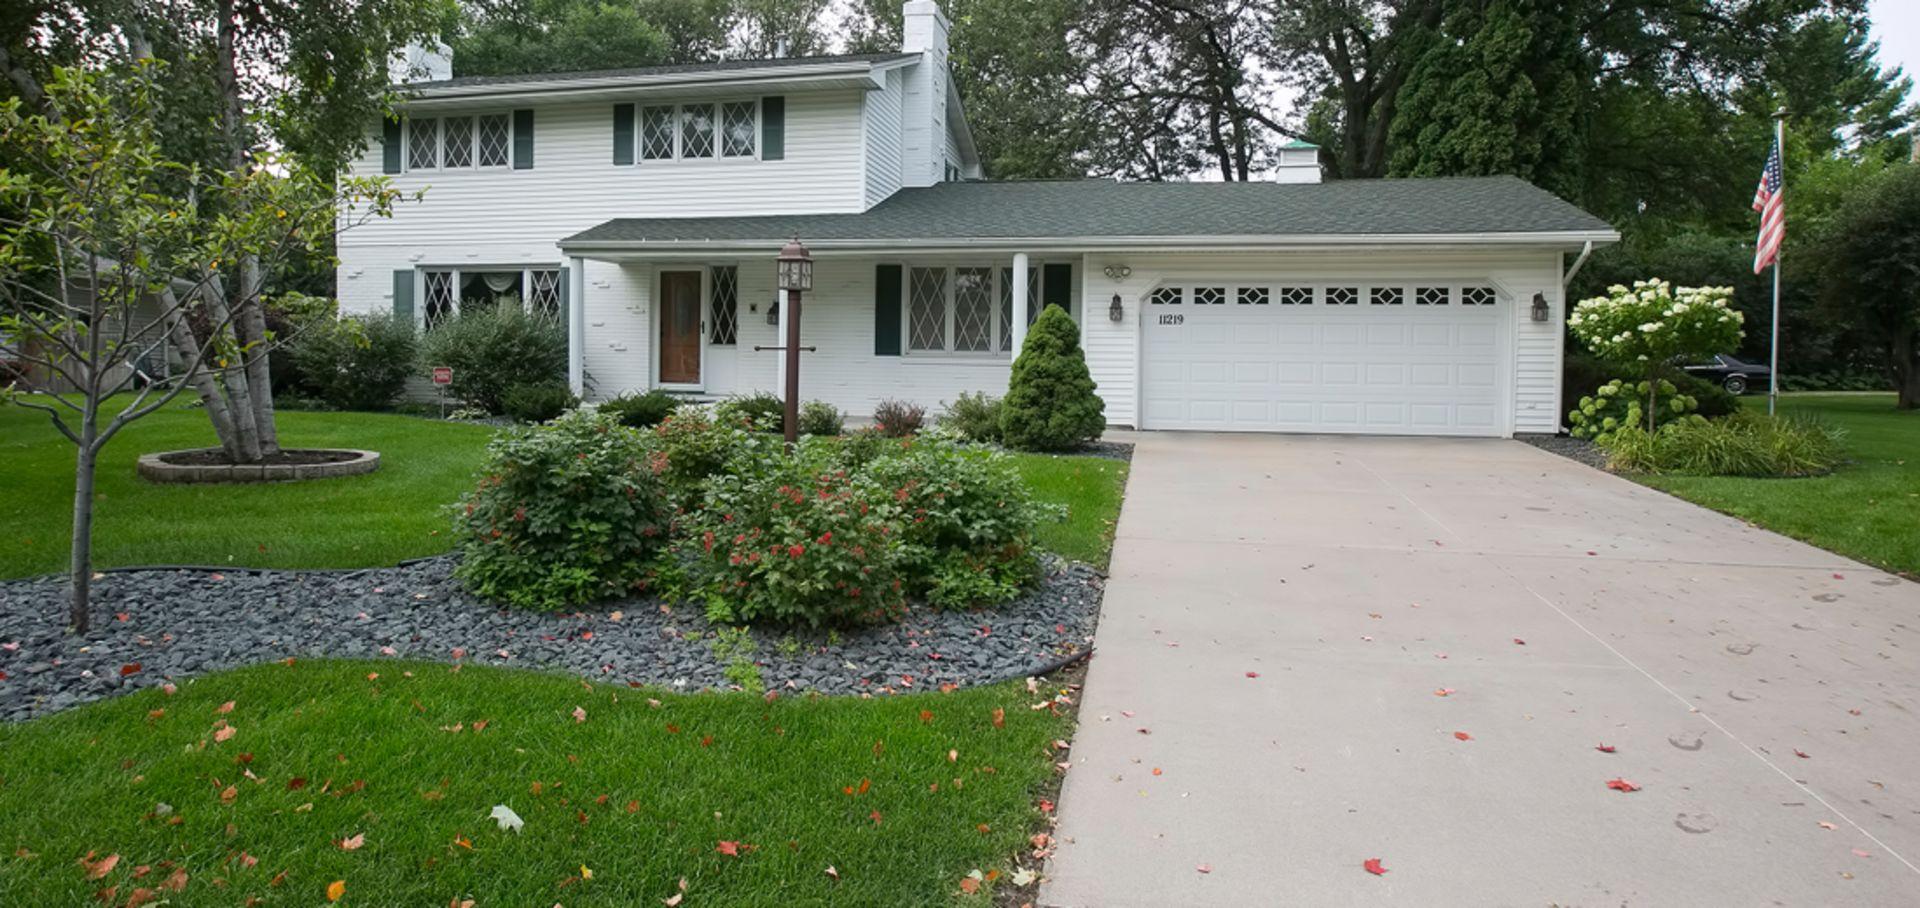 Remodeled Home in Burnsville in Doube Corner Lot